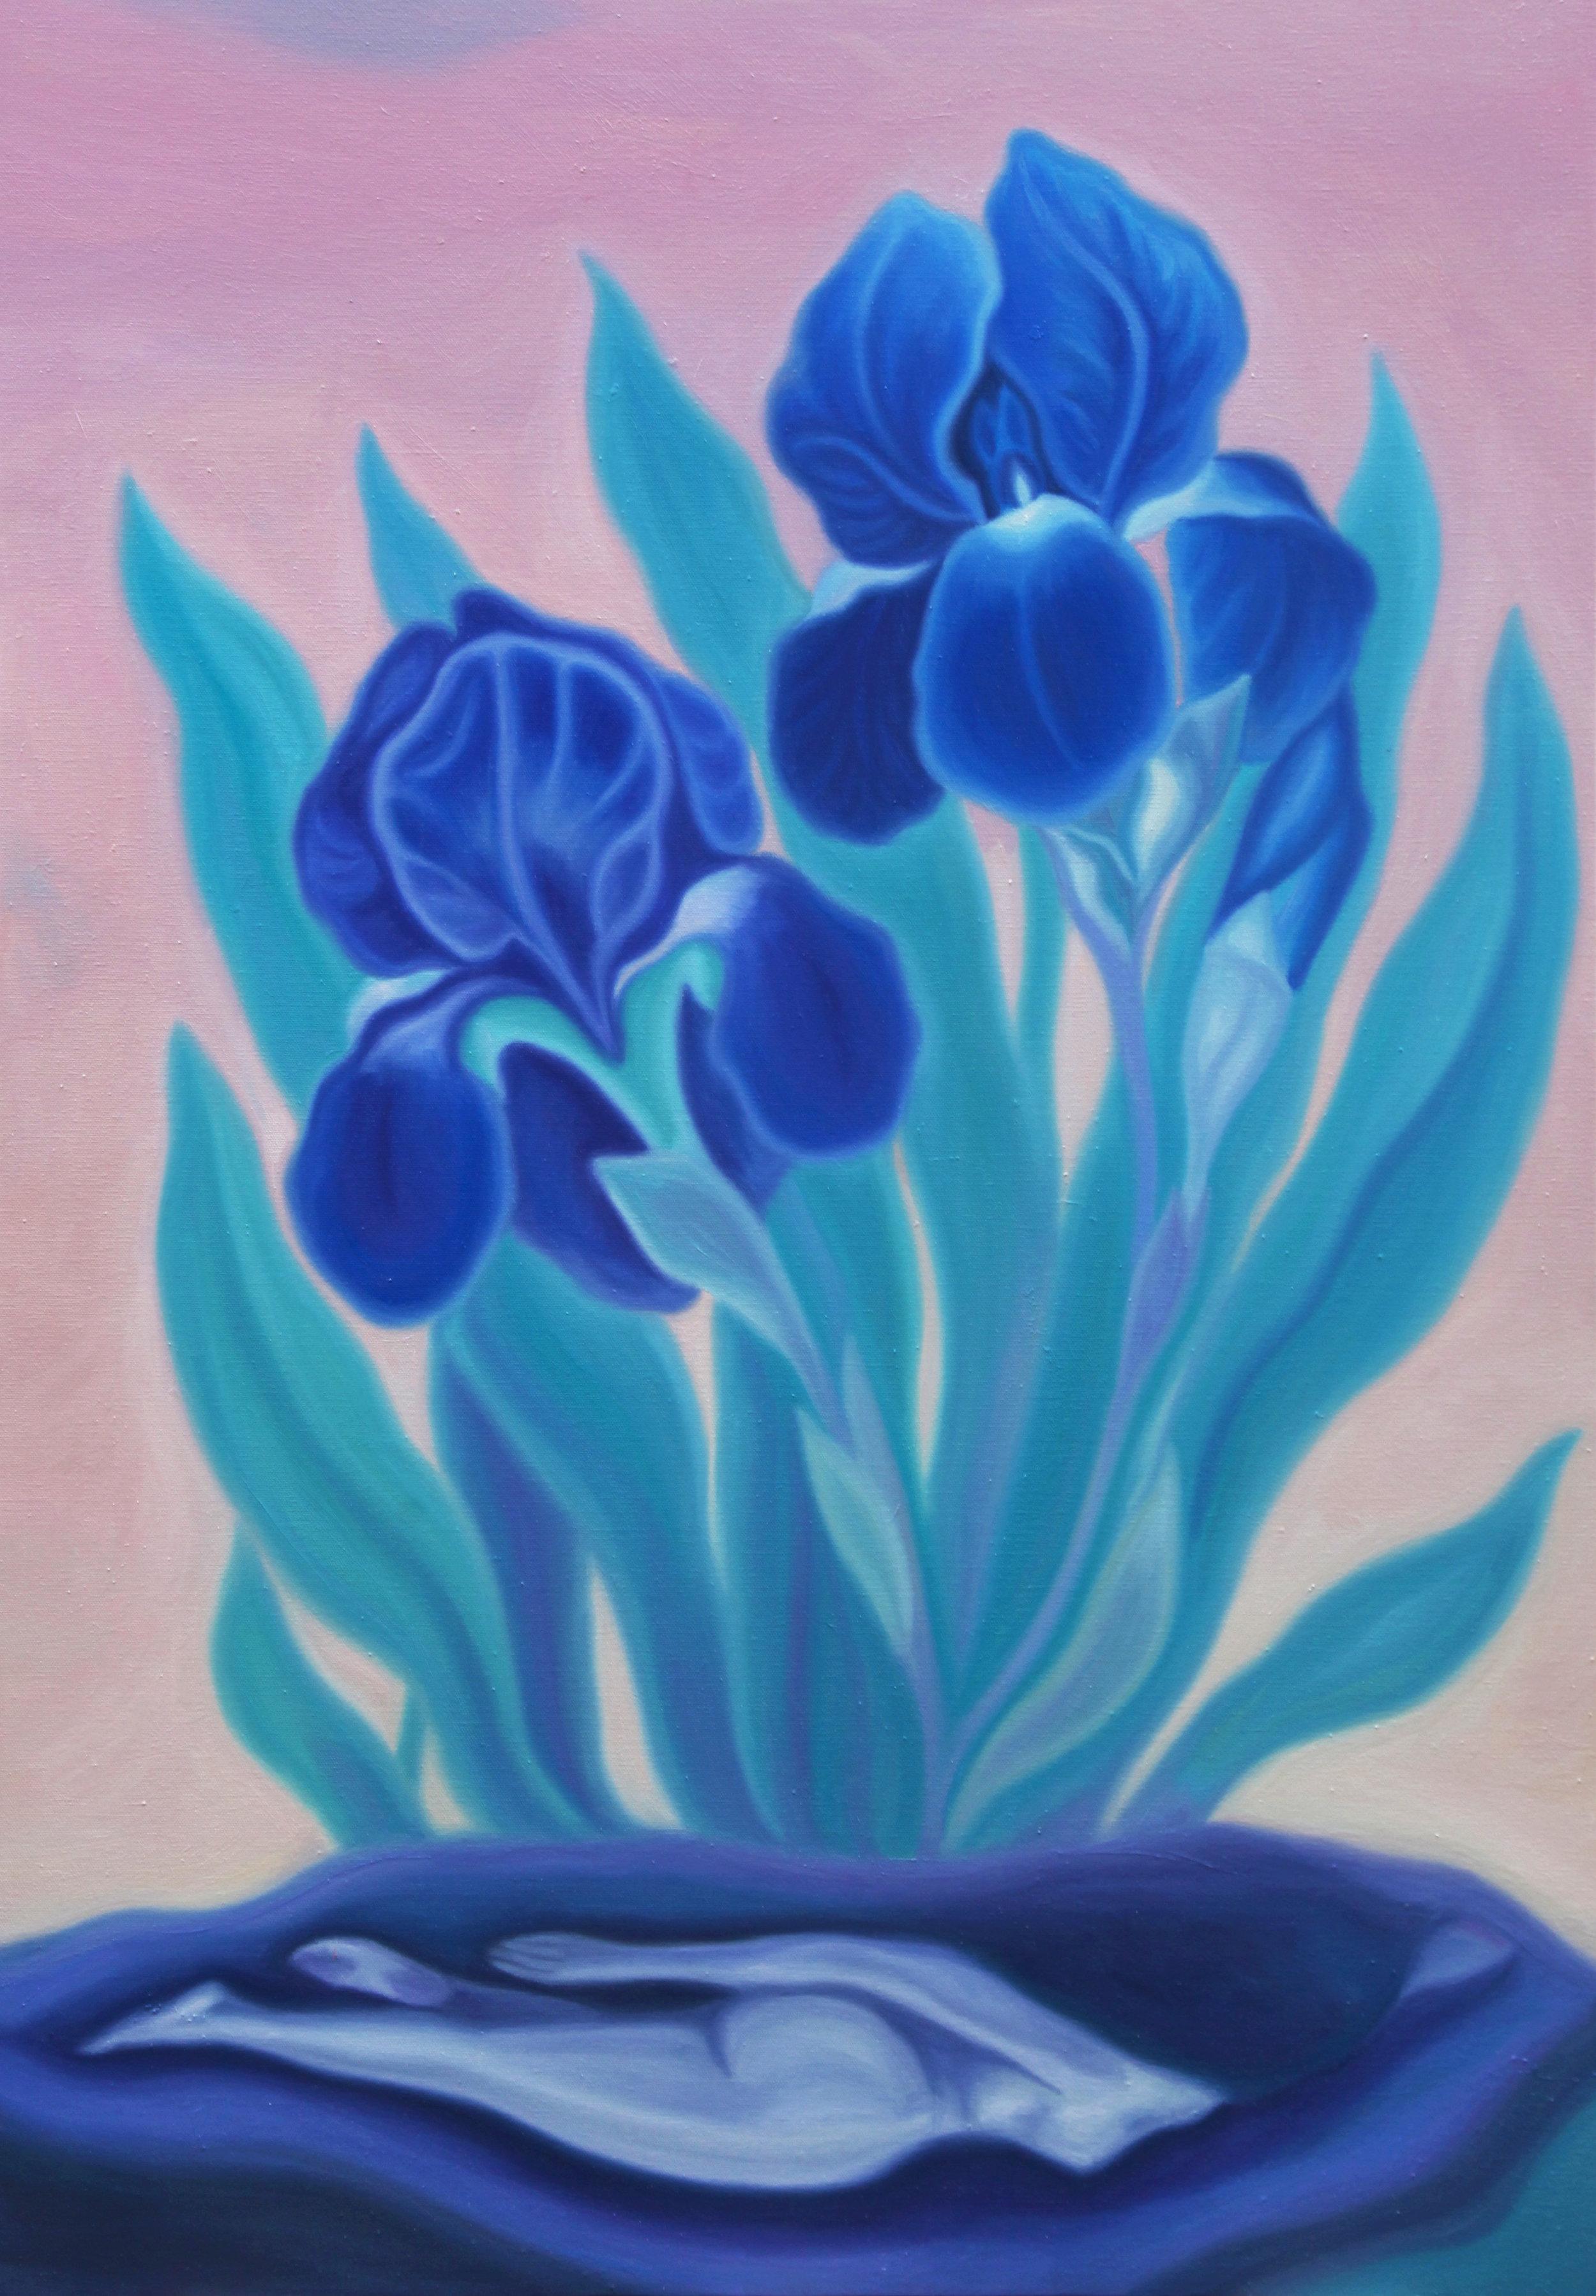 Végétarienne II  , 2018, oil on linen canvas, 116x89cm